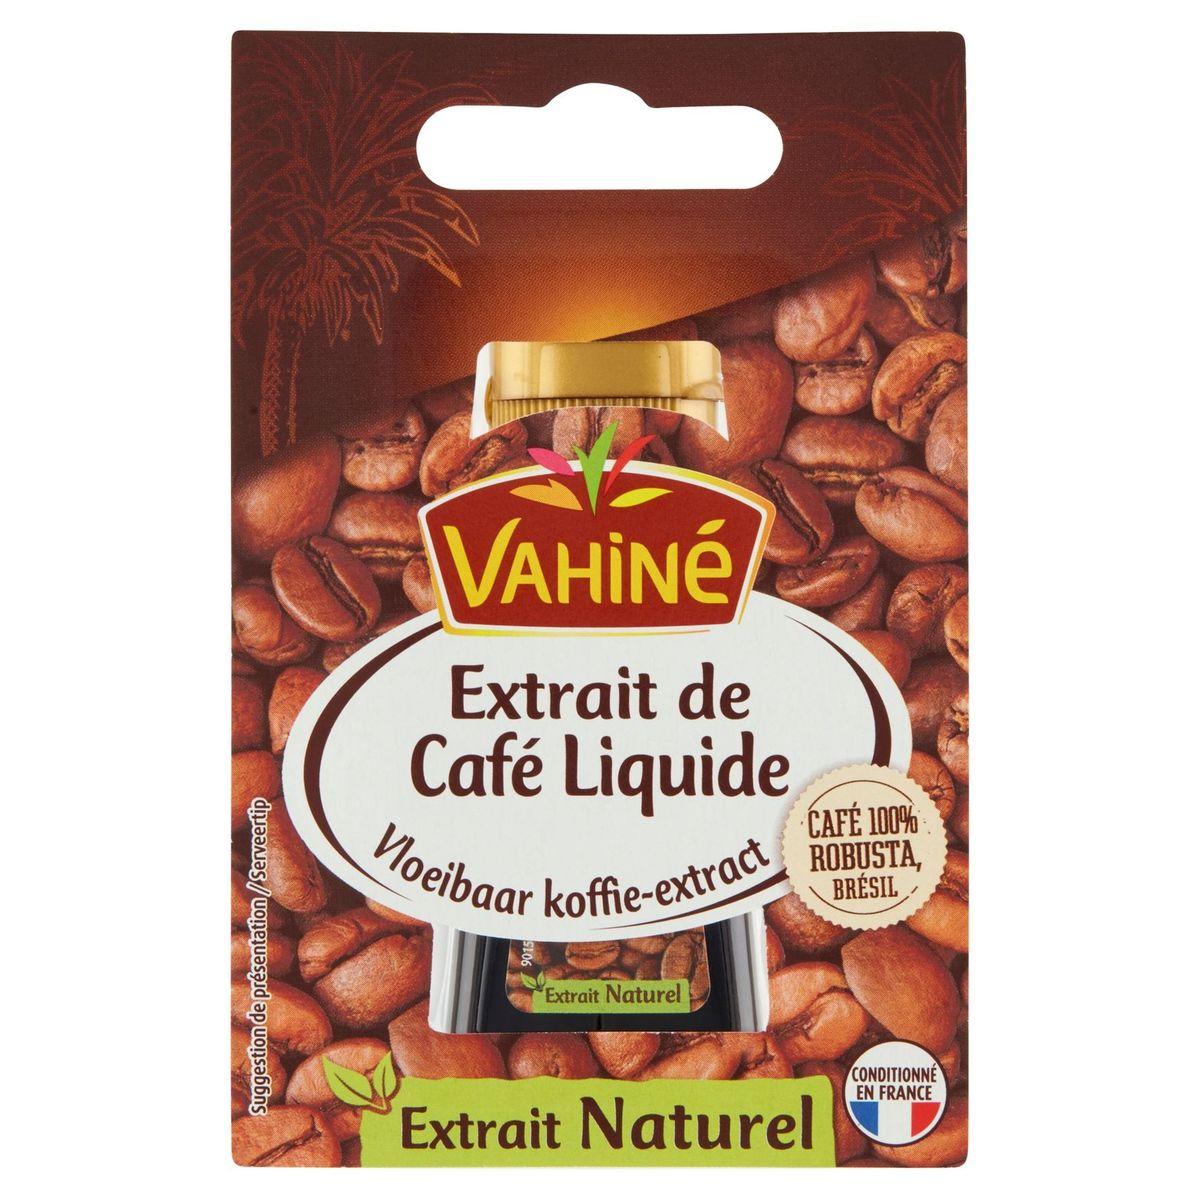 Vahiné Extrait de Café Liquide 20 ml